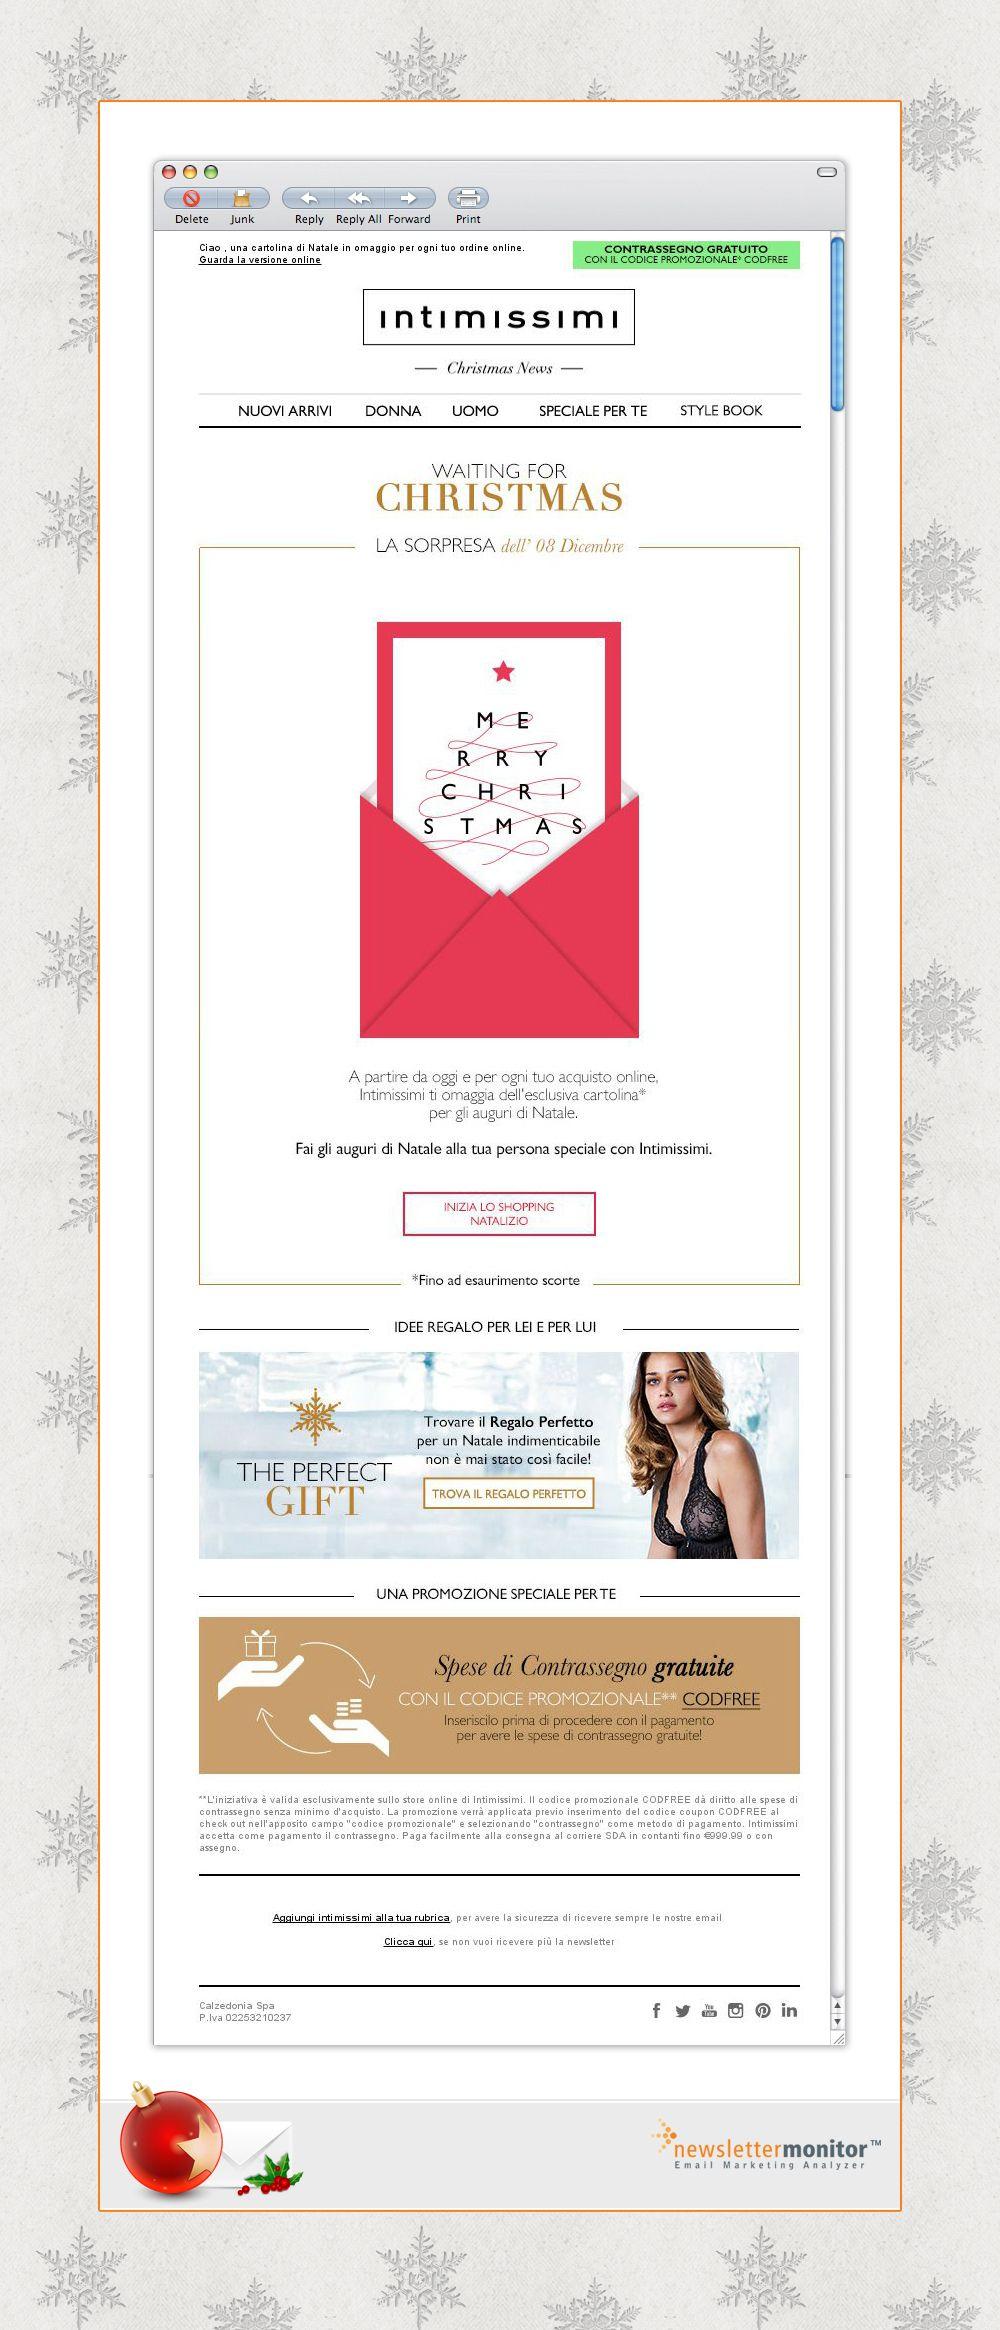 Biglietti Di Natale Email.Brand Intimissimi Subject Fai Gli Auguri A Una Persona Speciale